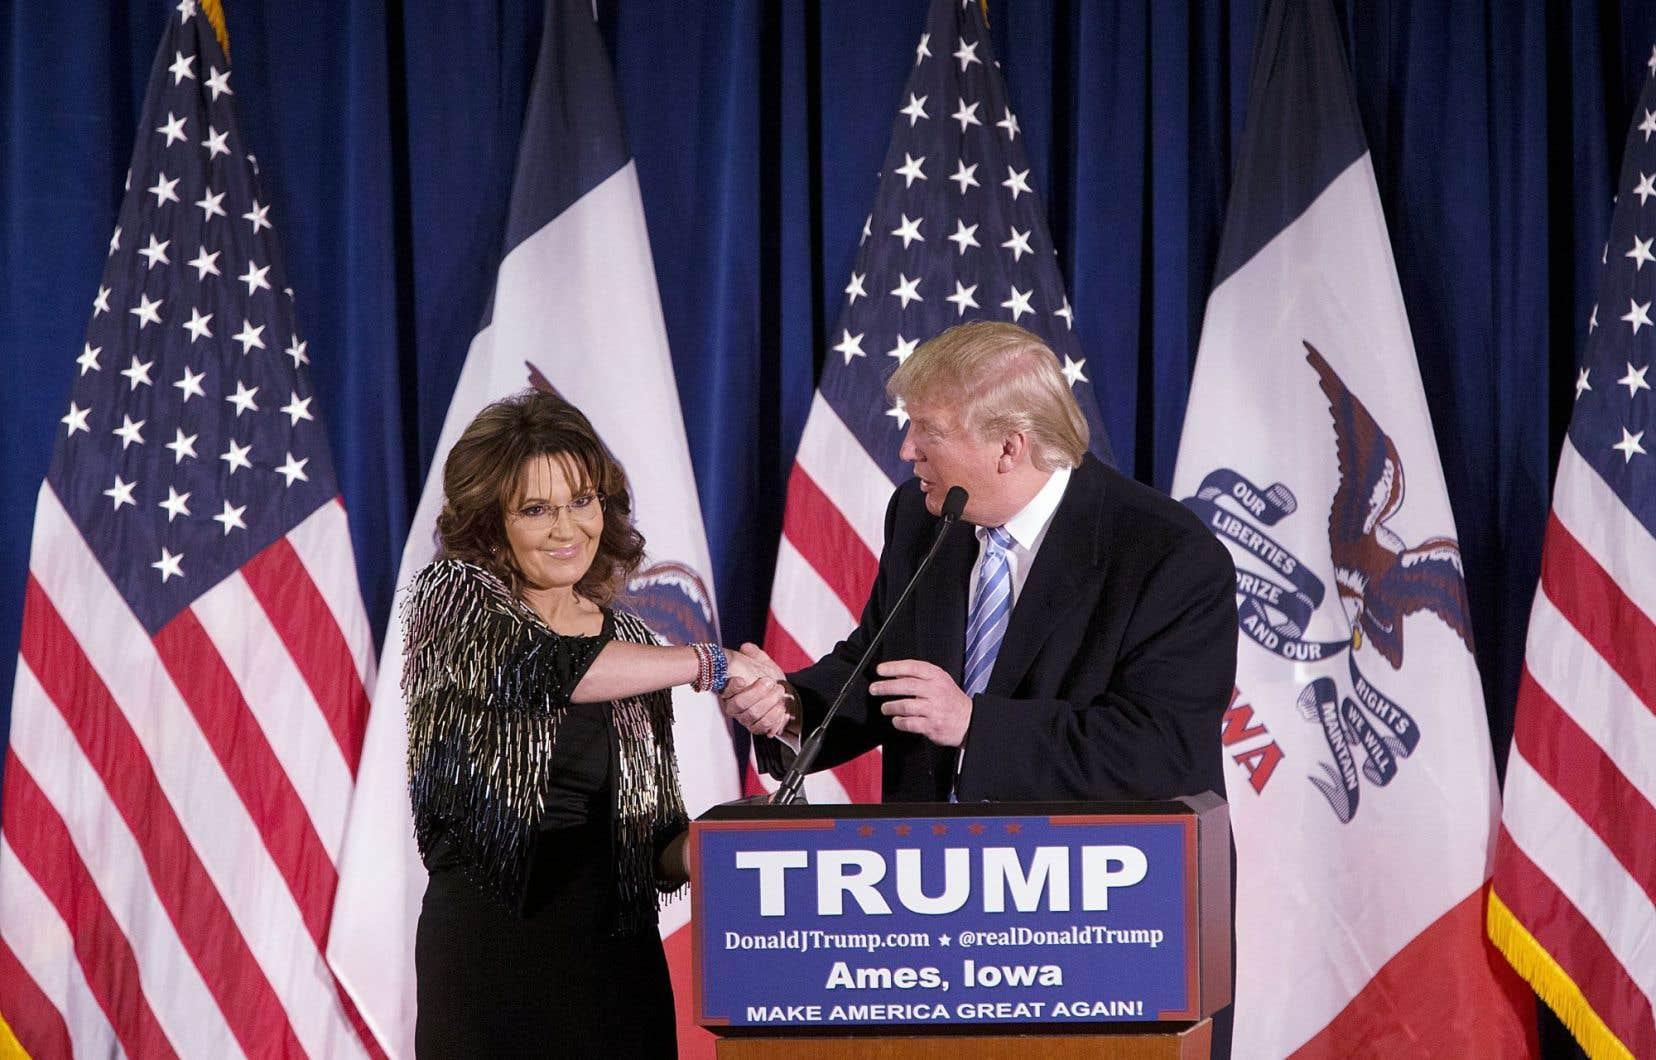 Le ralliement de l'égérie du Tea Party, Sarah Palin, pourrait renforcer Donald Trump en Iowa.